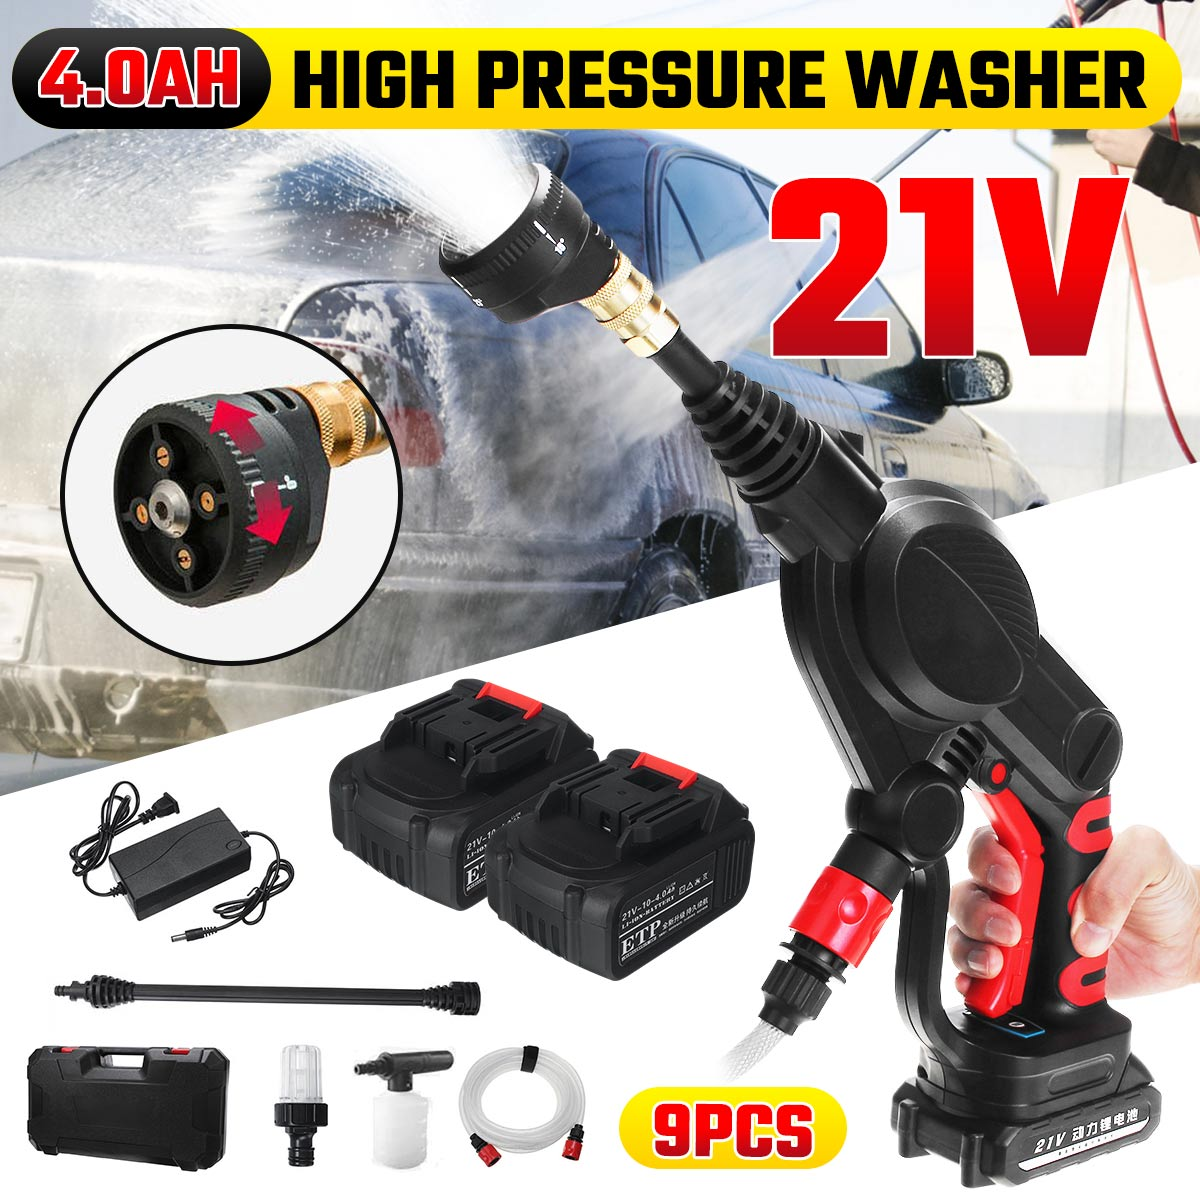 Car-Washer-Gun Water-Jet 2-Batteries Wireless Auto-Spray Garden Handheld Portable High-Pressure